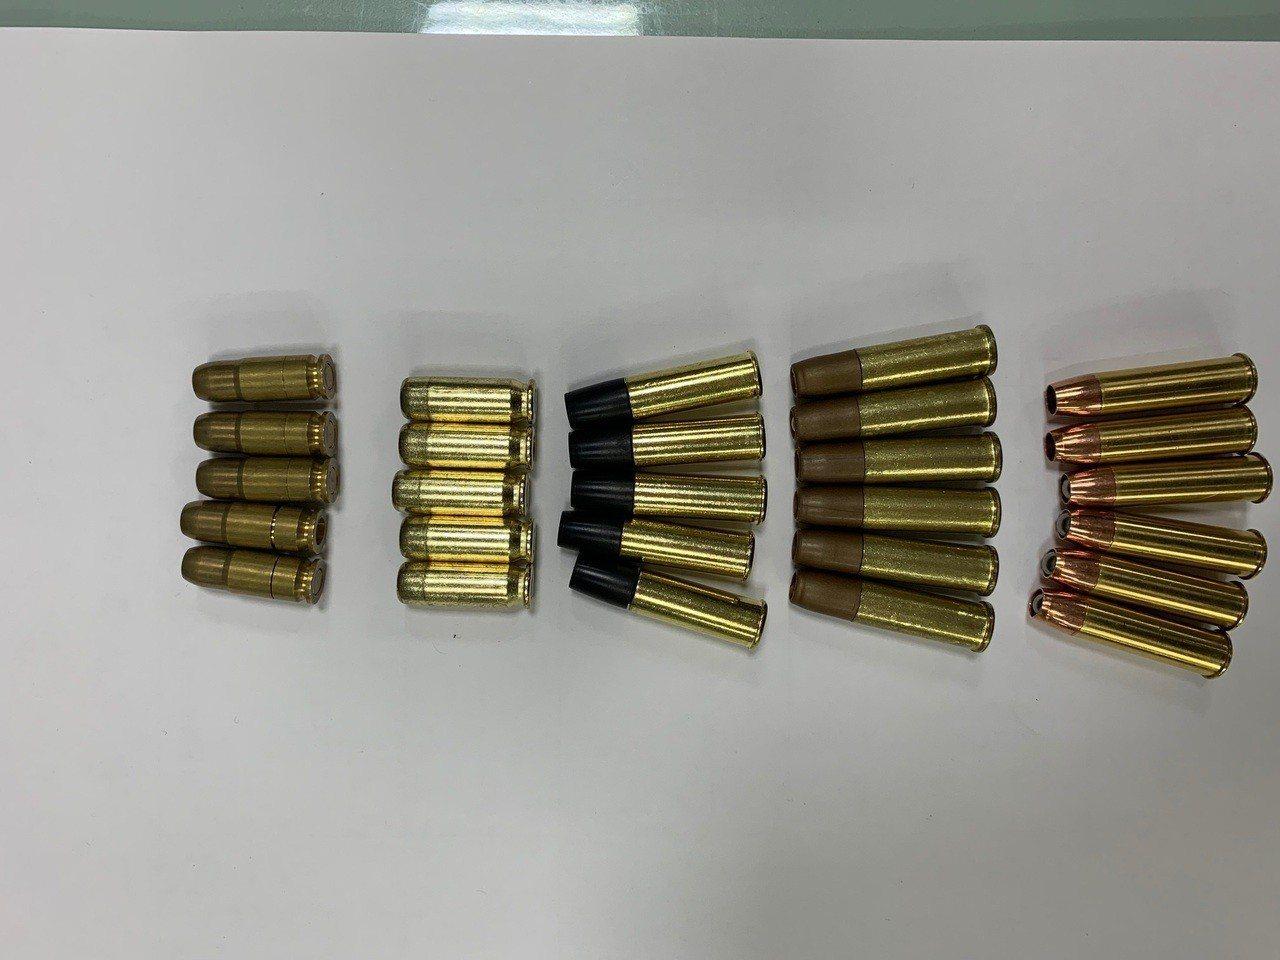 警方在車內起出鋼珠子彈金屬外殼27顆,9釐米子彈3顆。記者林佩均/翻攝